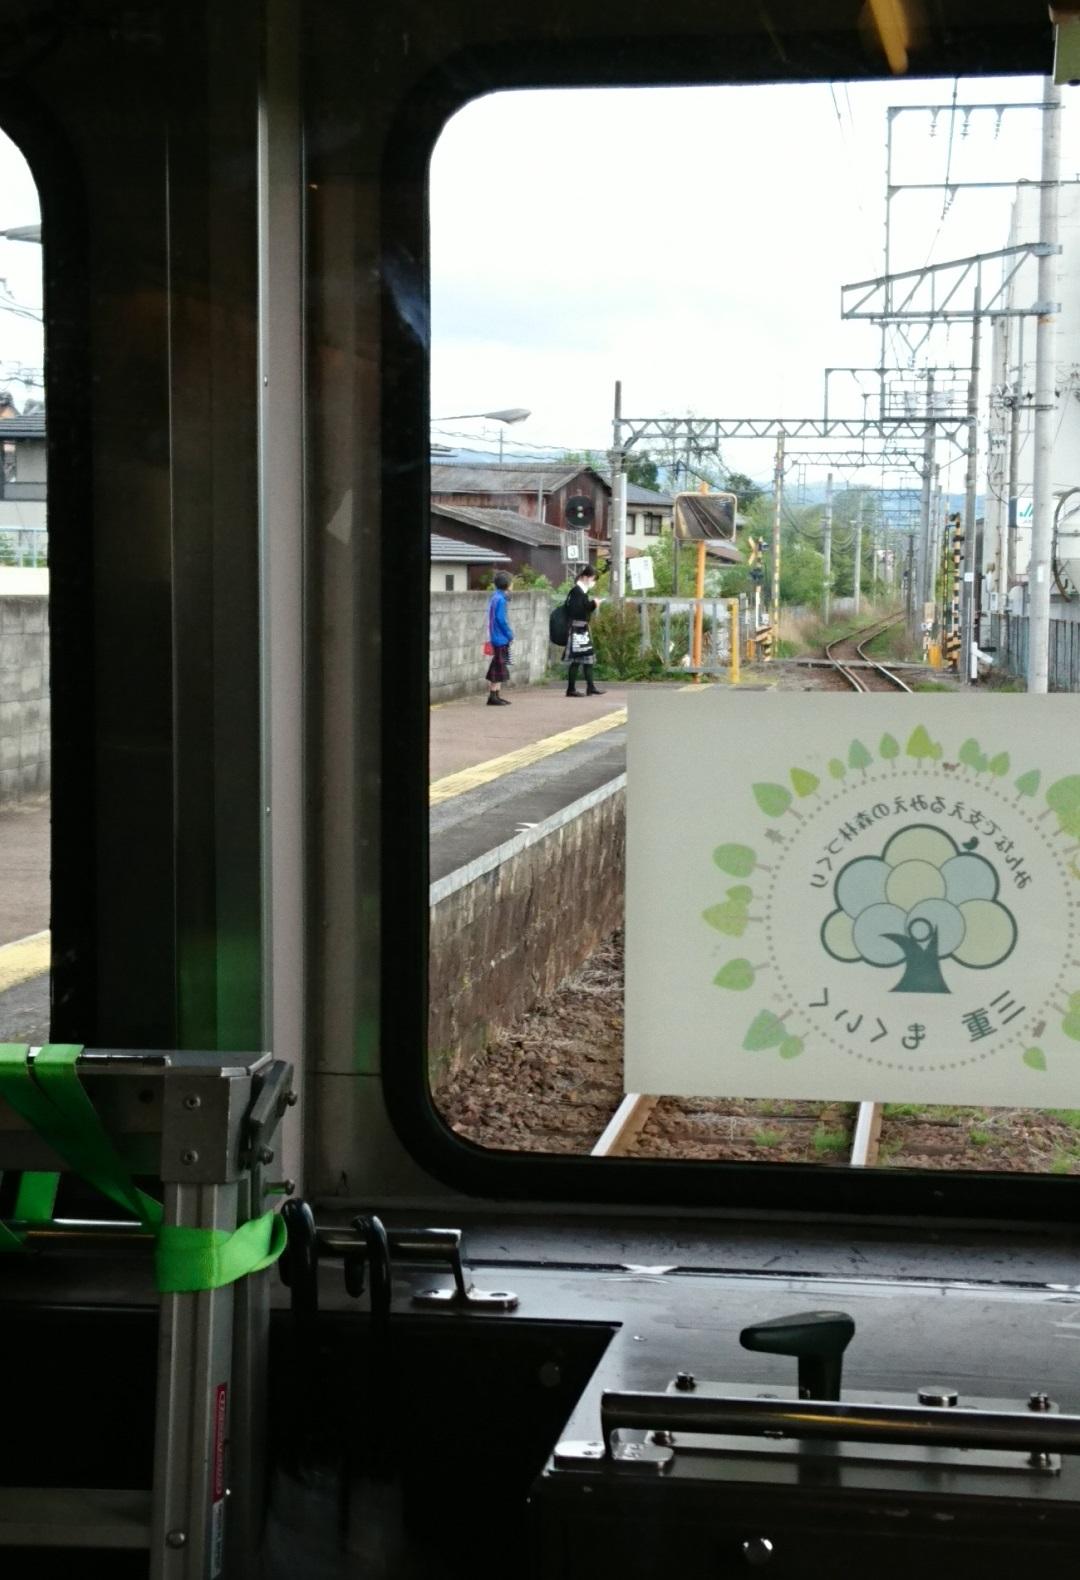 2018.4.26 上野 (29) 上野市いきふつう - 依那古 1080-1580